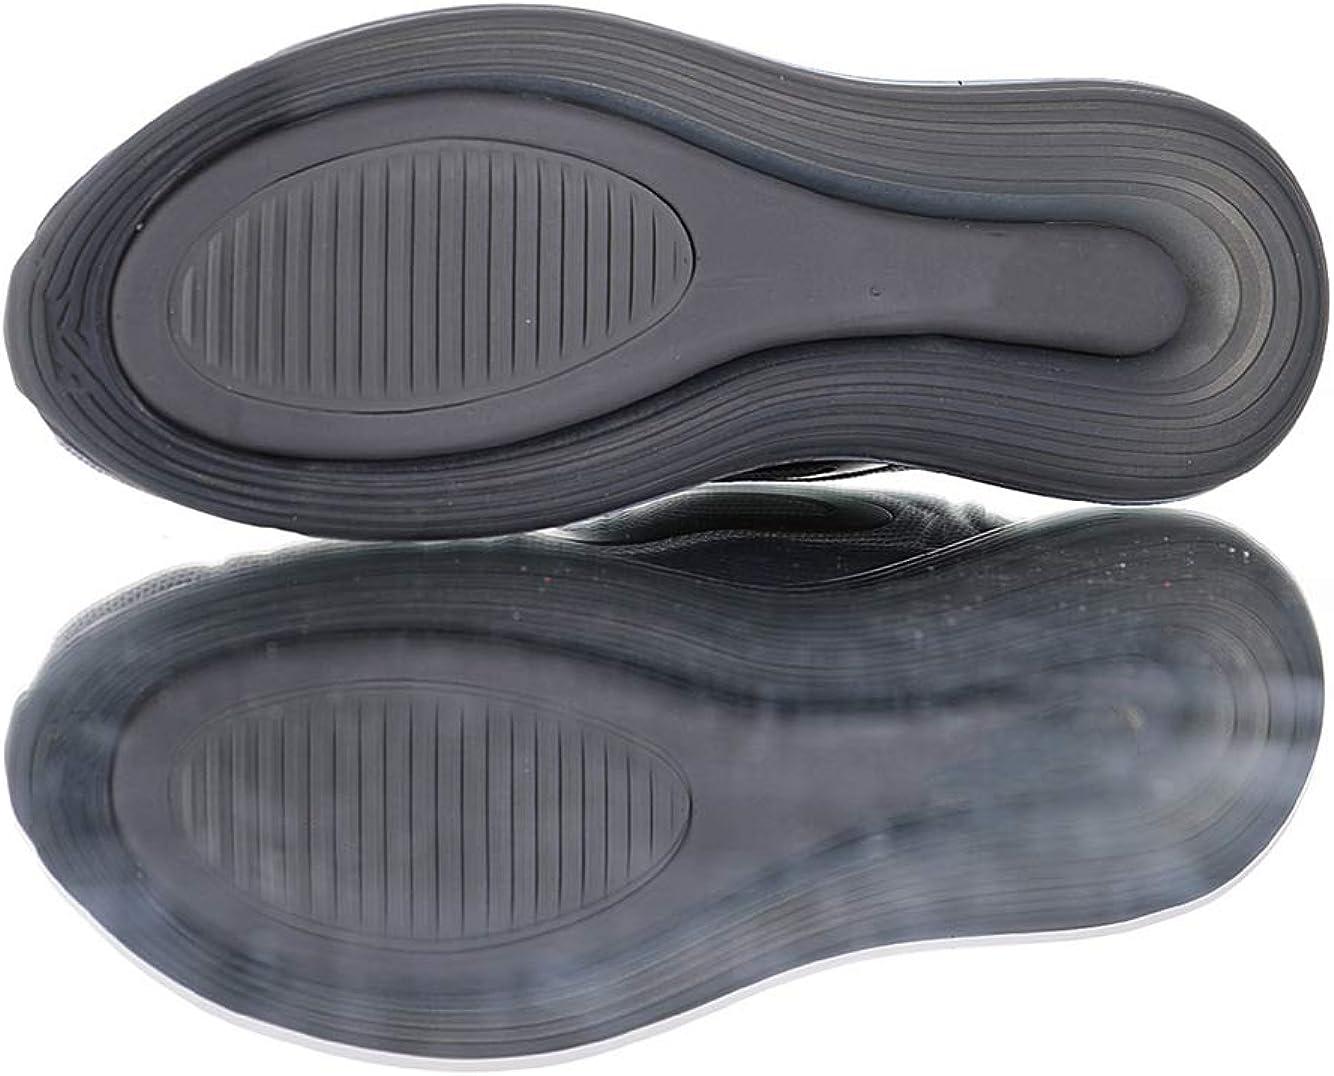 Scarpe da Trekking estive per Uomo e Donna. Scarpe da Corsa Leggere e Traspiranti. Scarpe Sportive per Il Tempo Libero all\'aperto Grigio 2